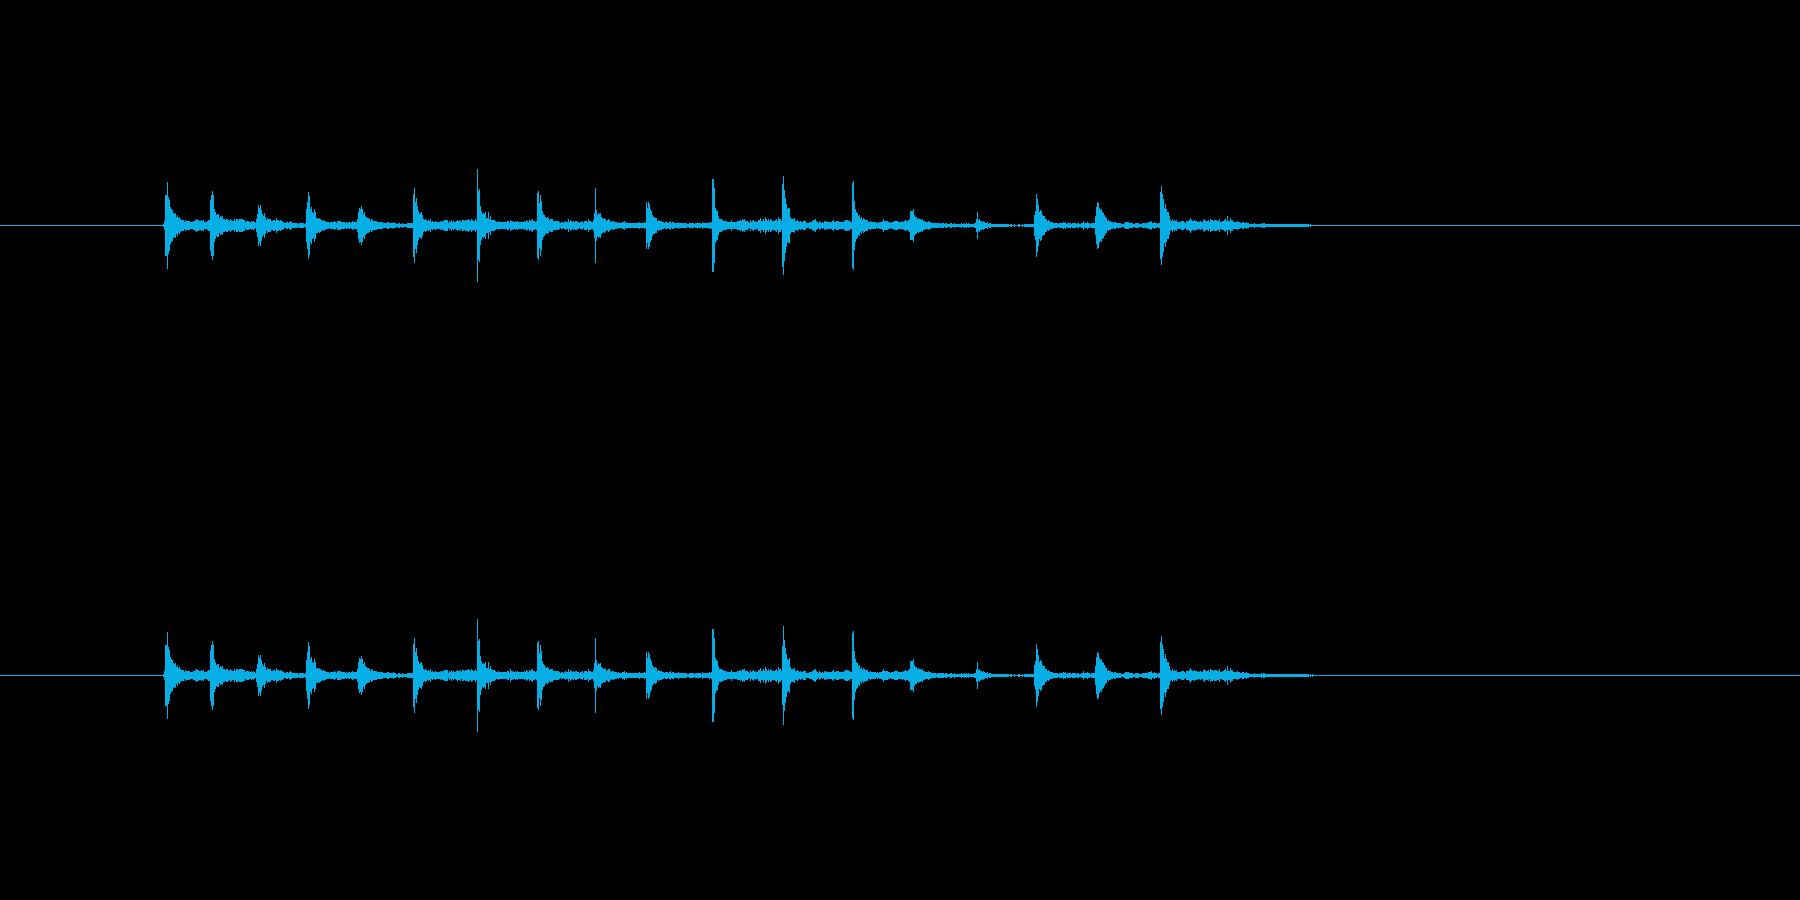 1人の拍手の再生済みの波形